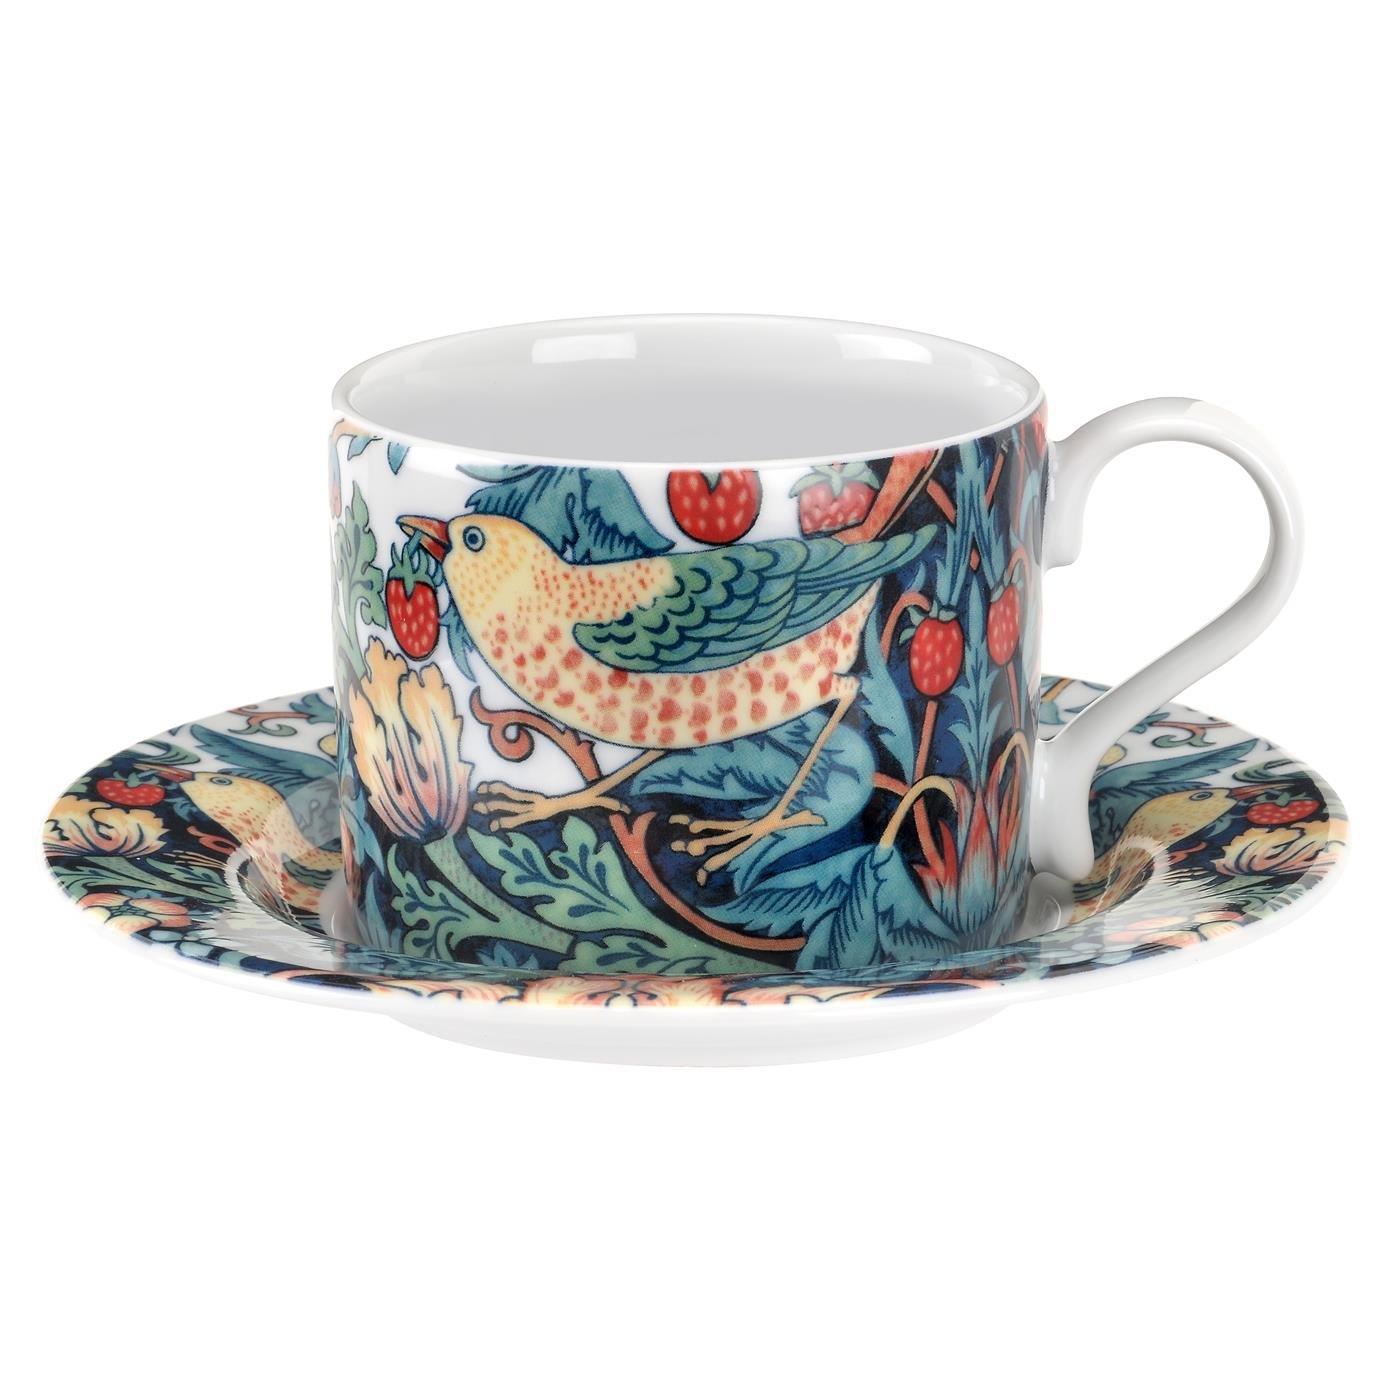 英國SPODE 威廉莫里斯William Morris聯名款-草莓鳥園280ml杯盤組(附原裝彩盒)